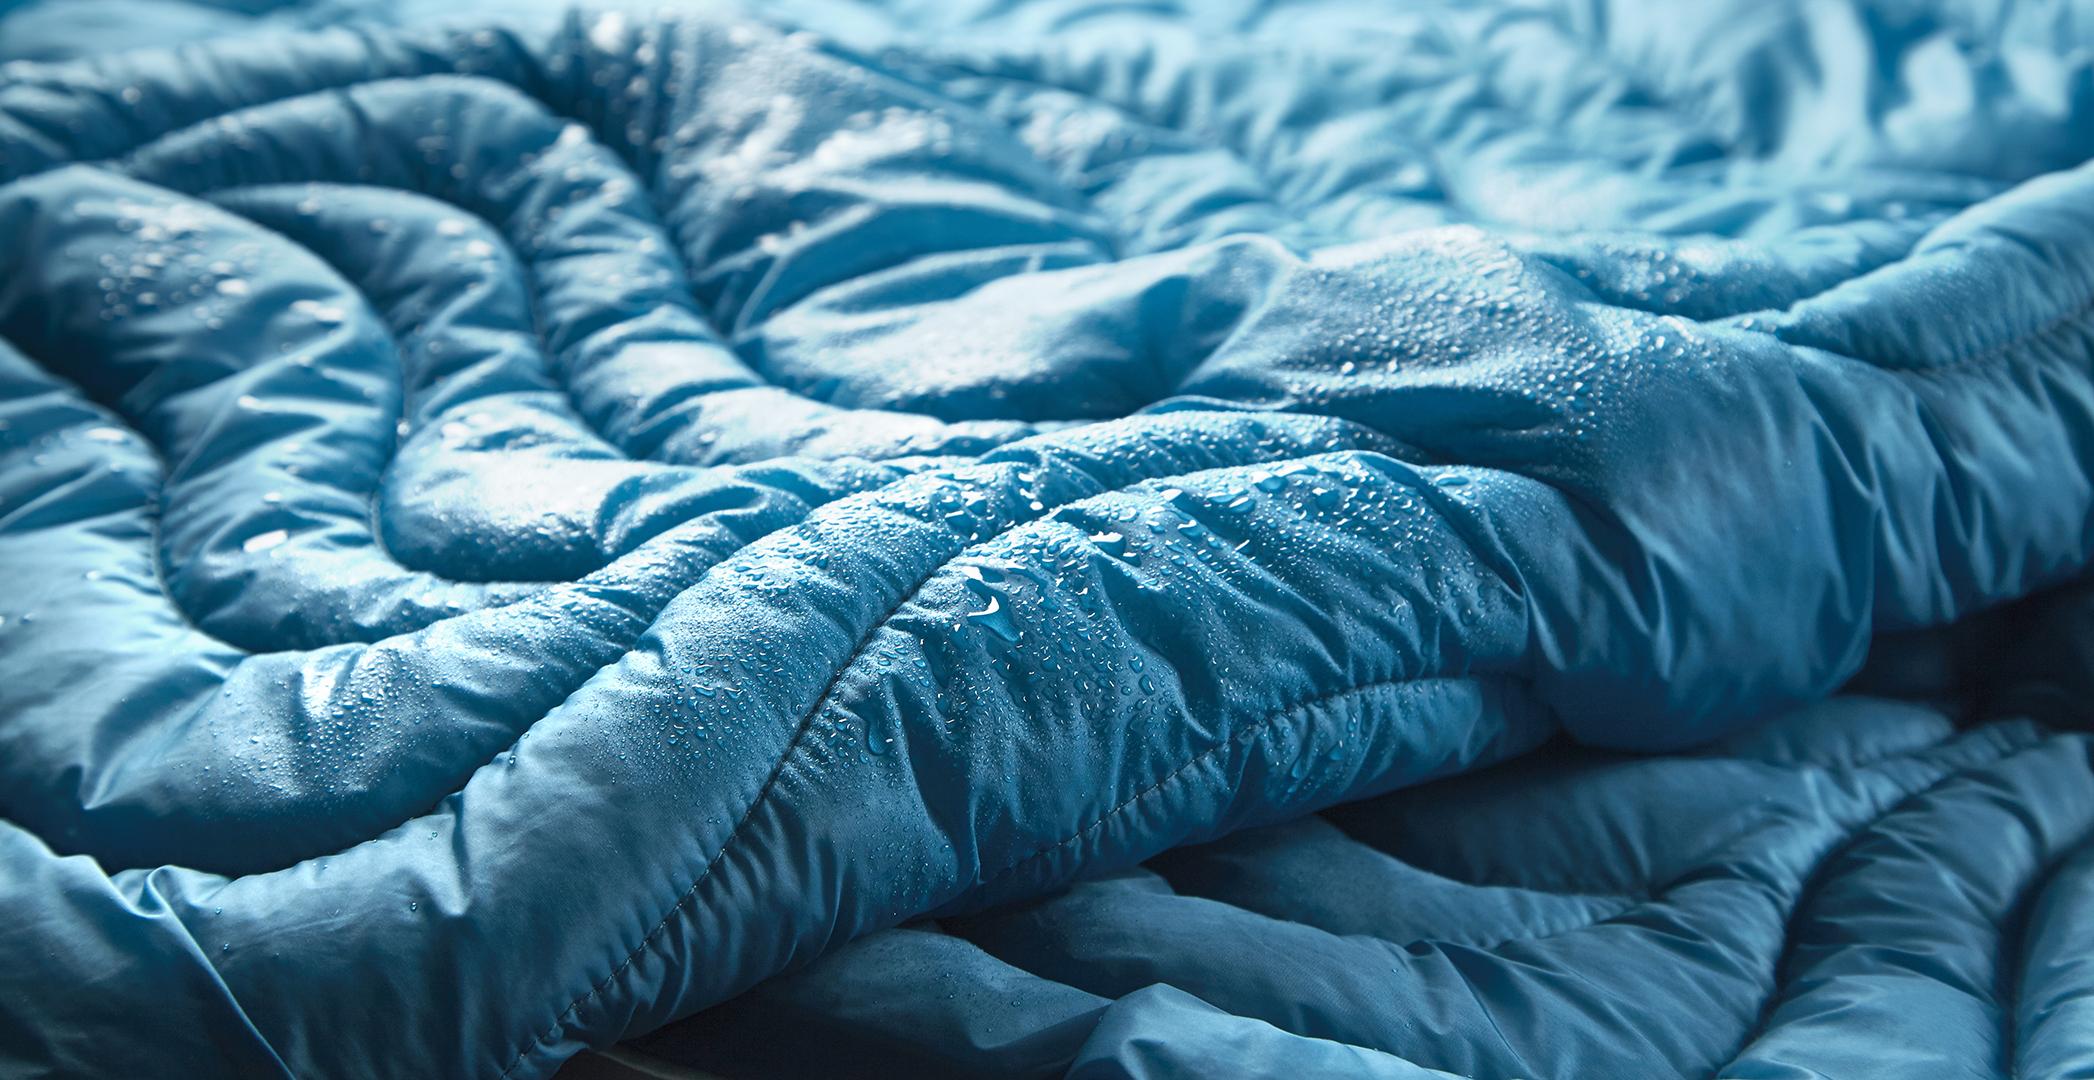 BedGearBlanket_Stitching2_Wet.jpg